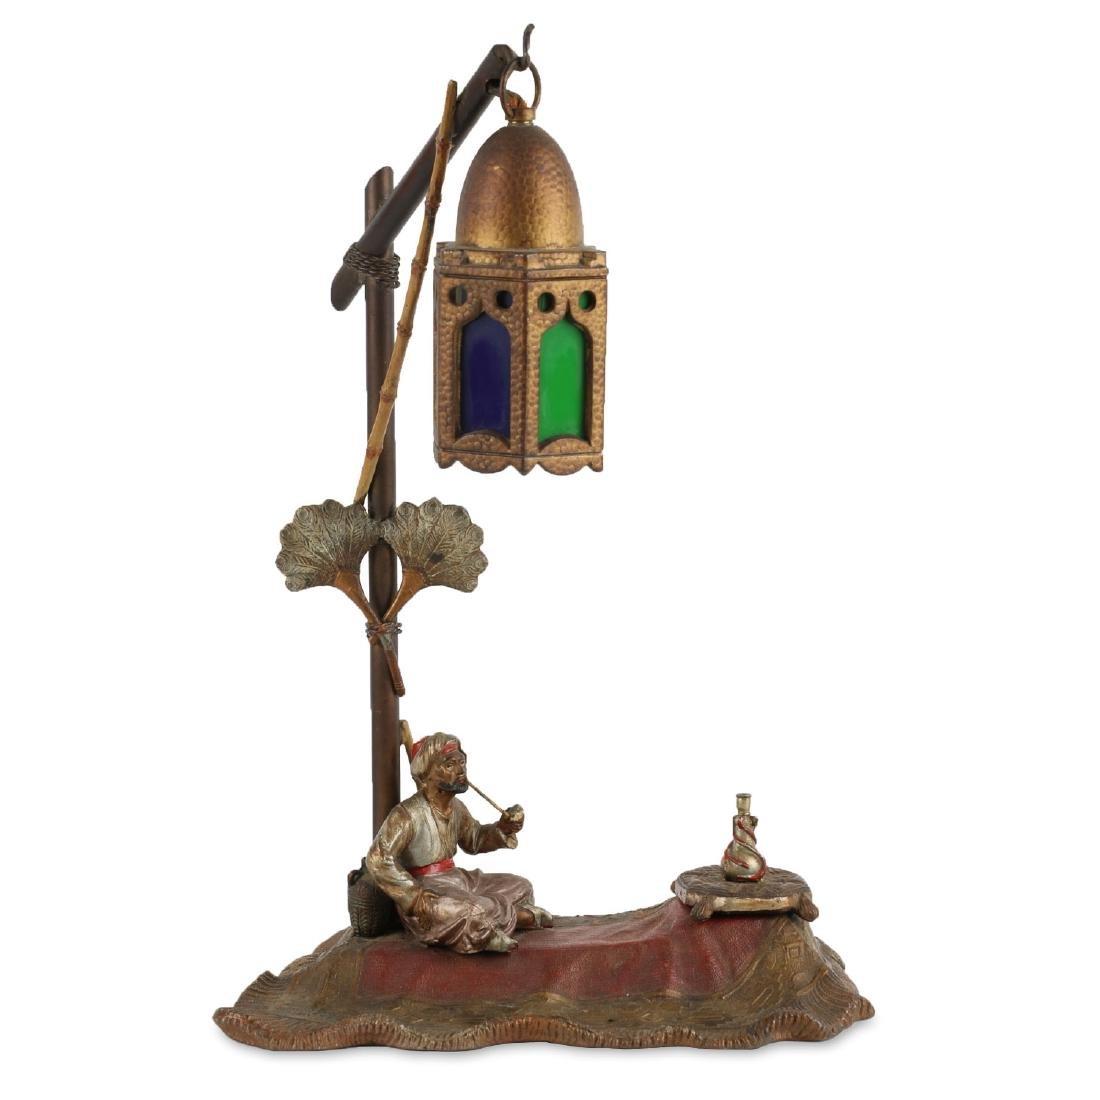 Bergman-Style Spelter Desk Lamp